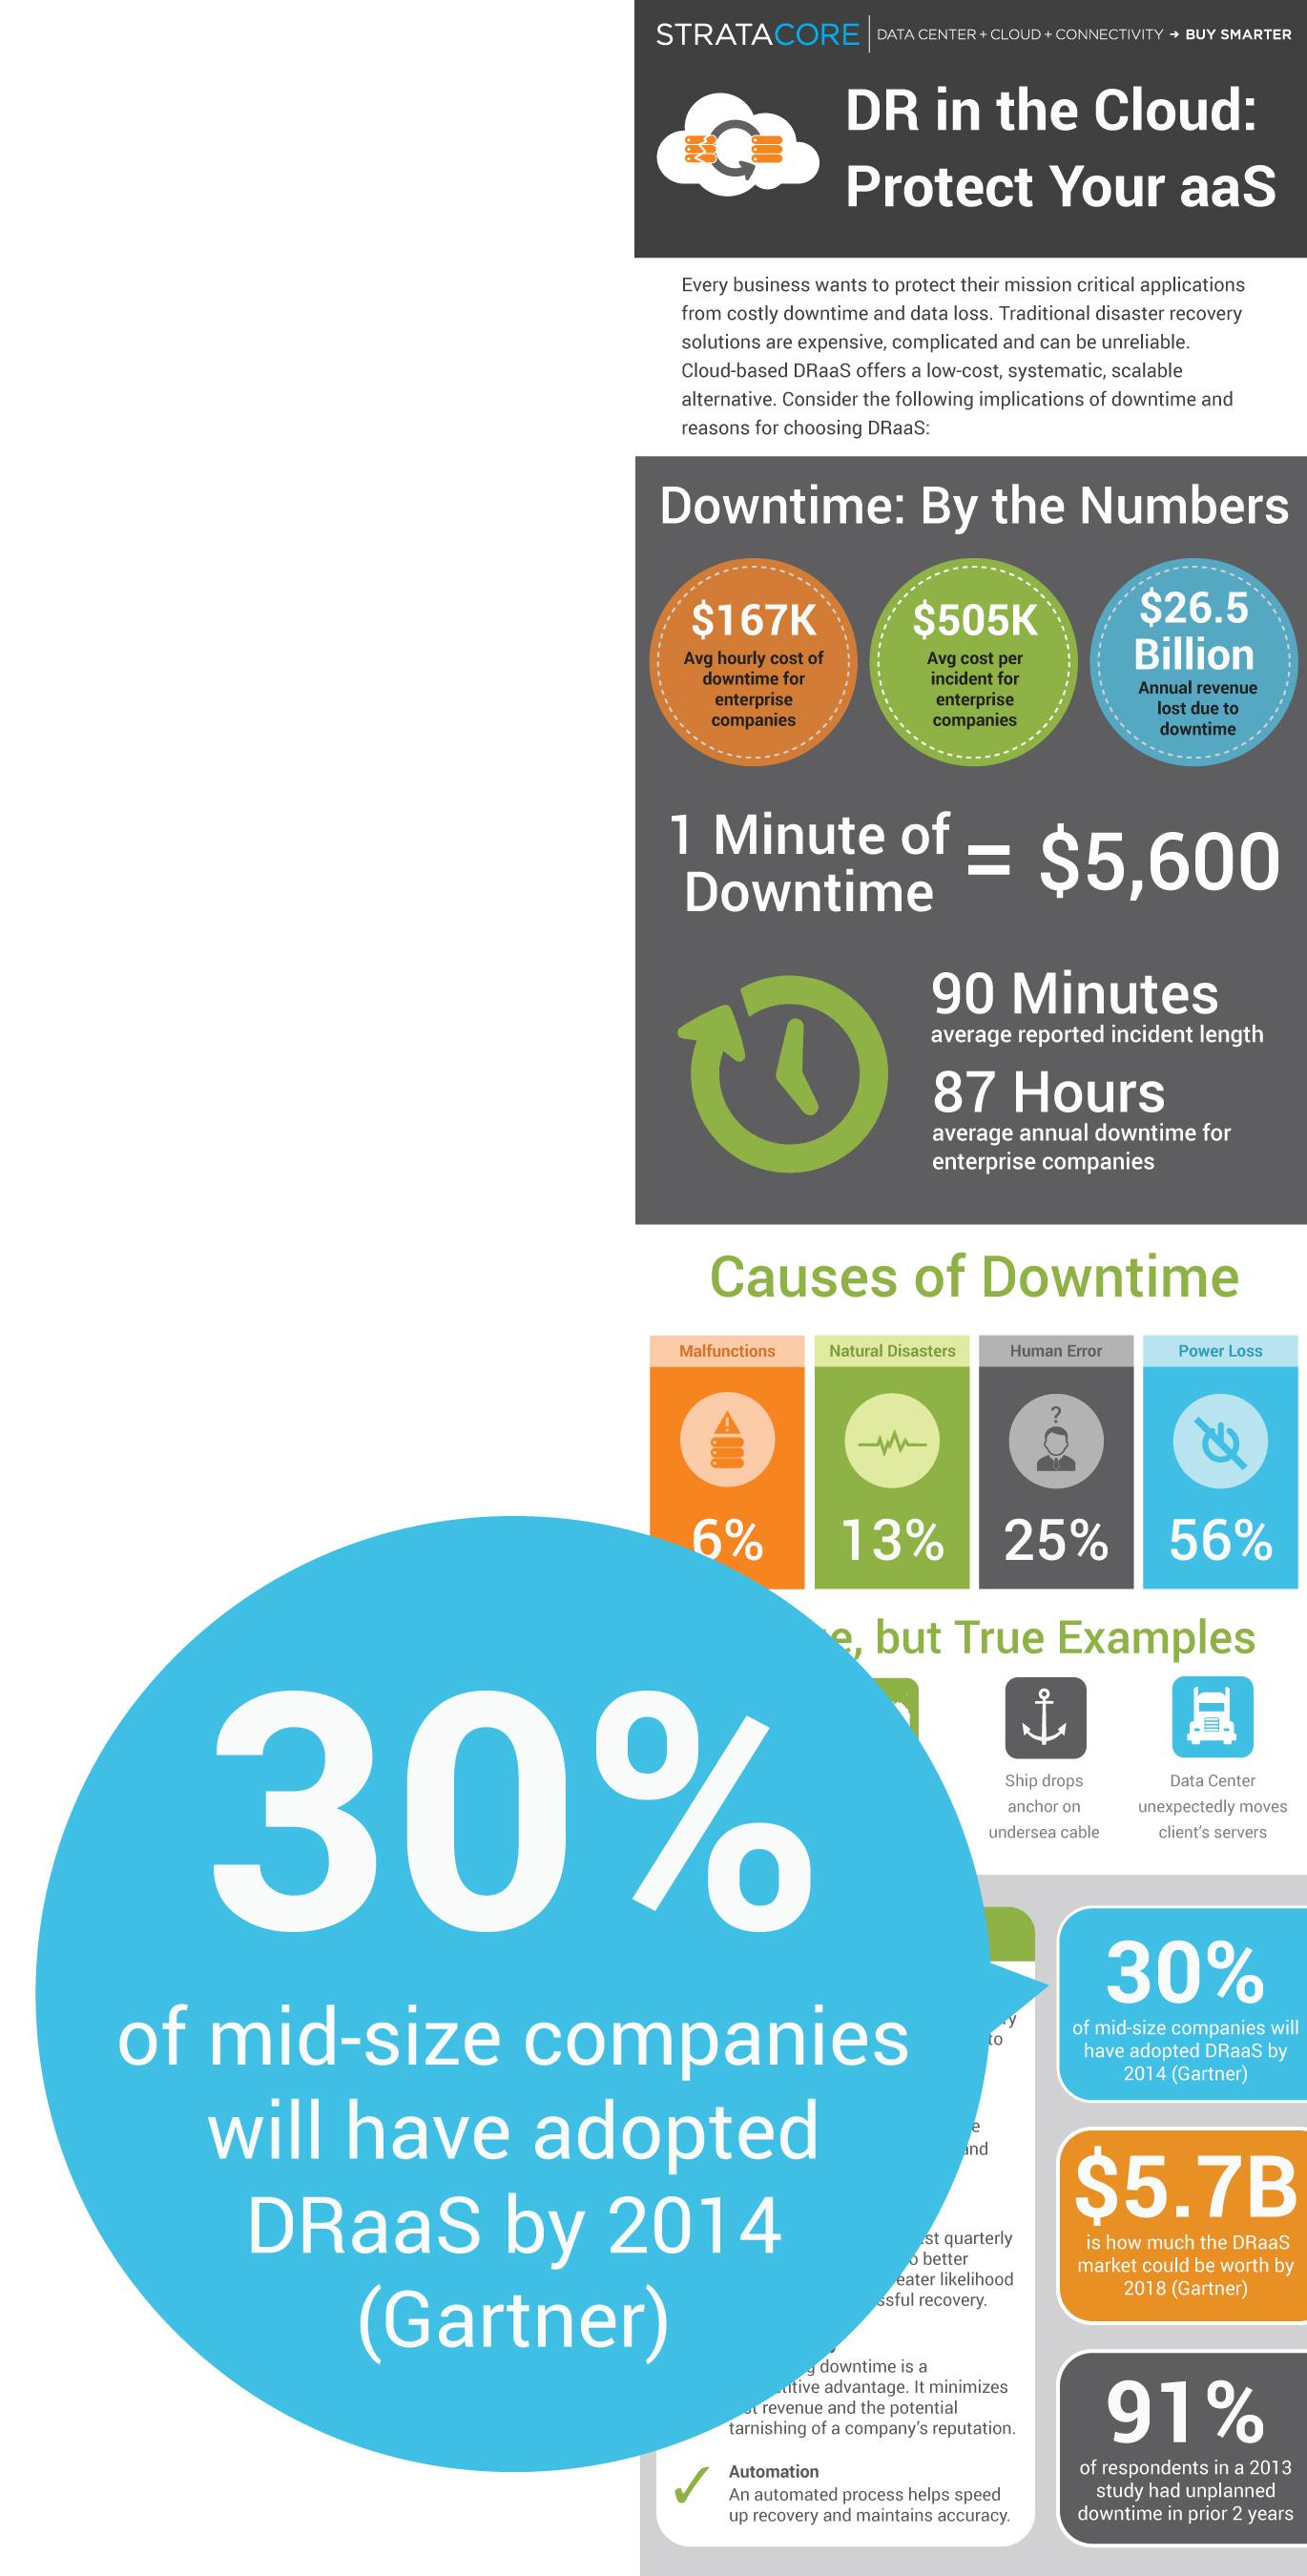 DRaaS-Infographic-Image_thumb.jpg